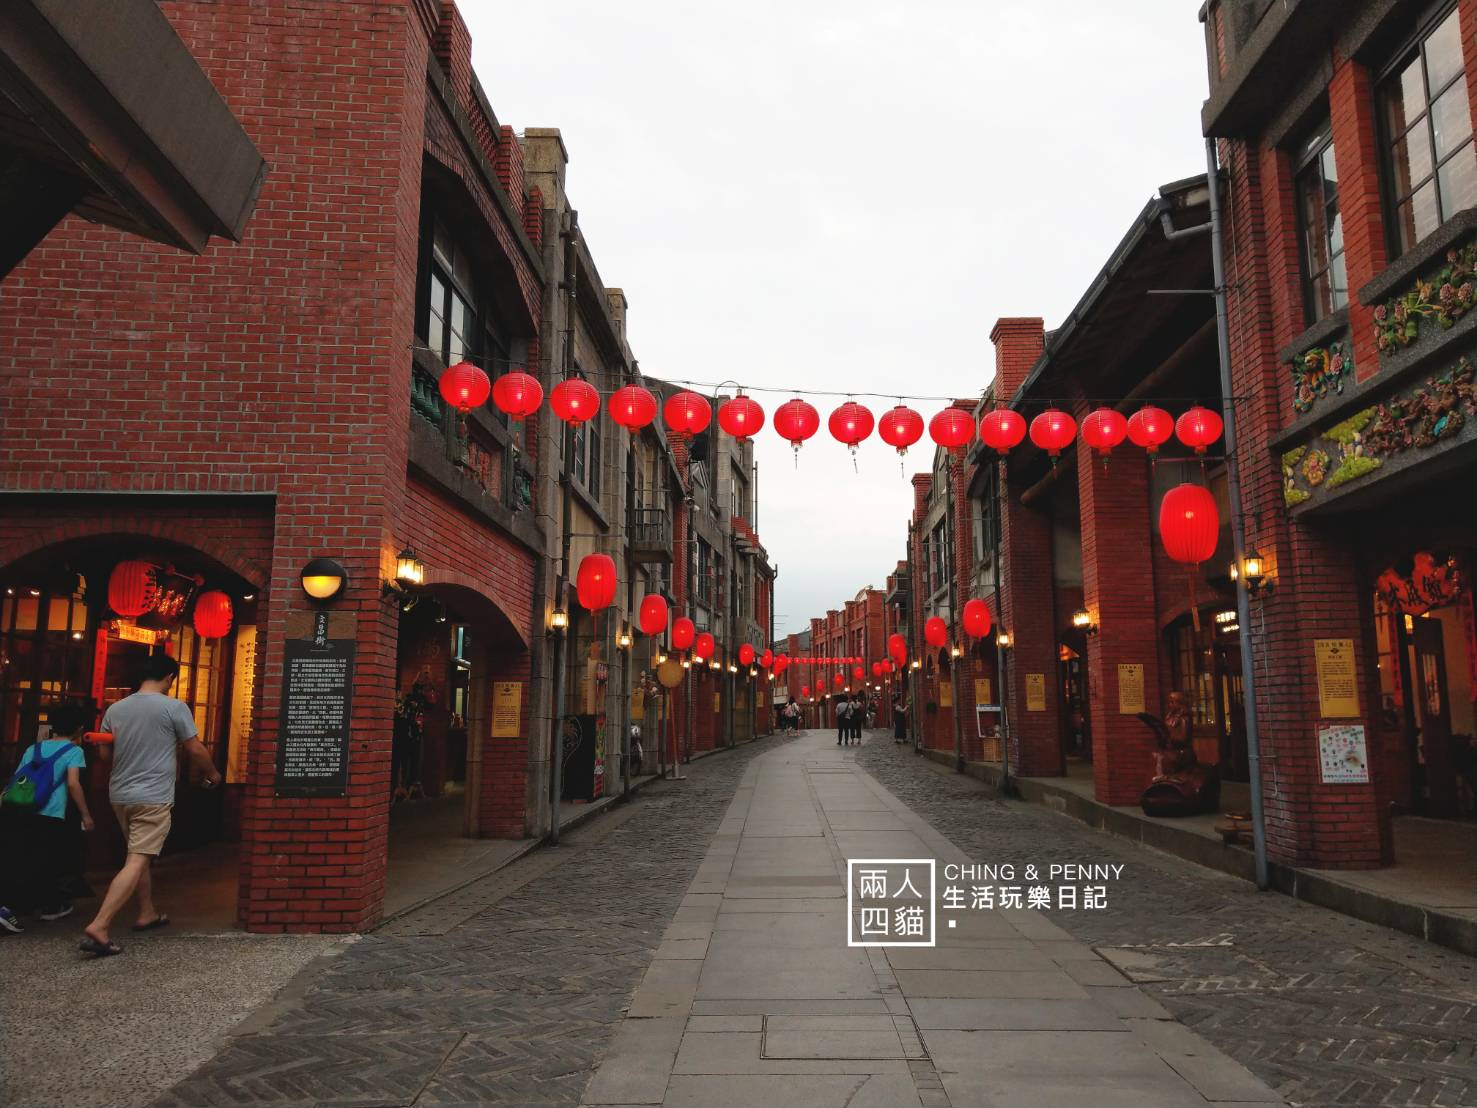 【宜蘭|景點】帶外國朋友去【宜蘭傳藝中心】一 日遊!喝台灣茶、吃重統台式爆米香、買一串台灣玉,好吃好玩又好逛!